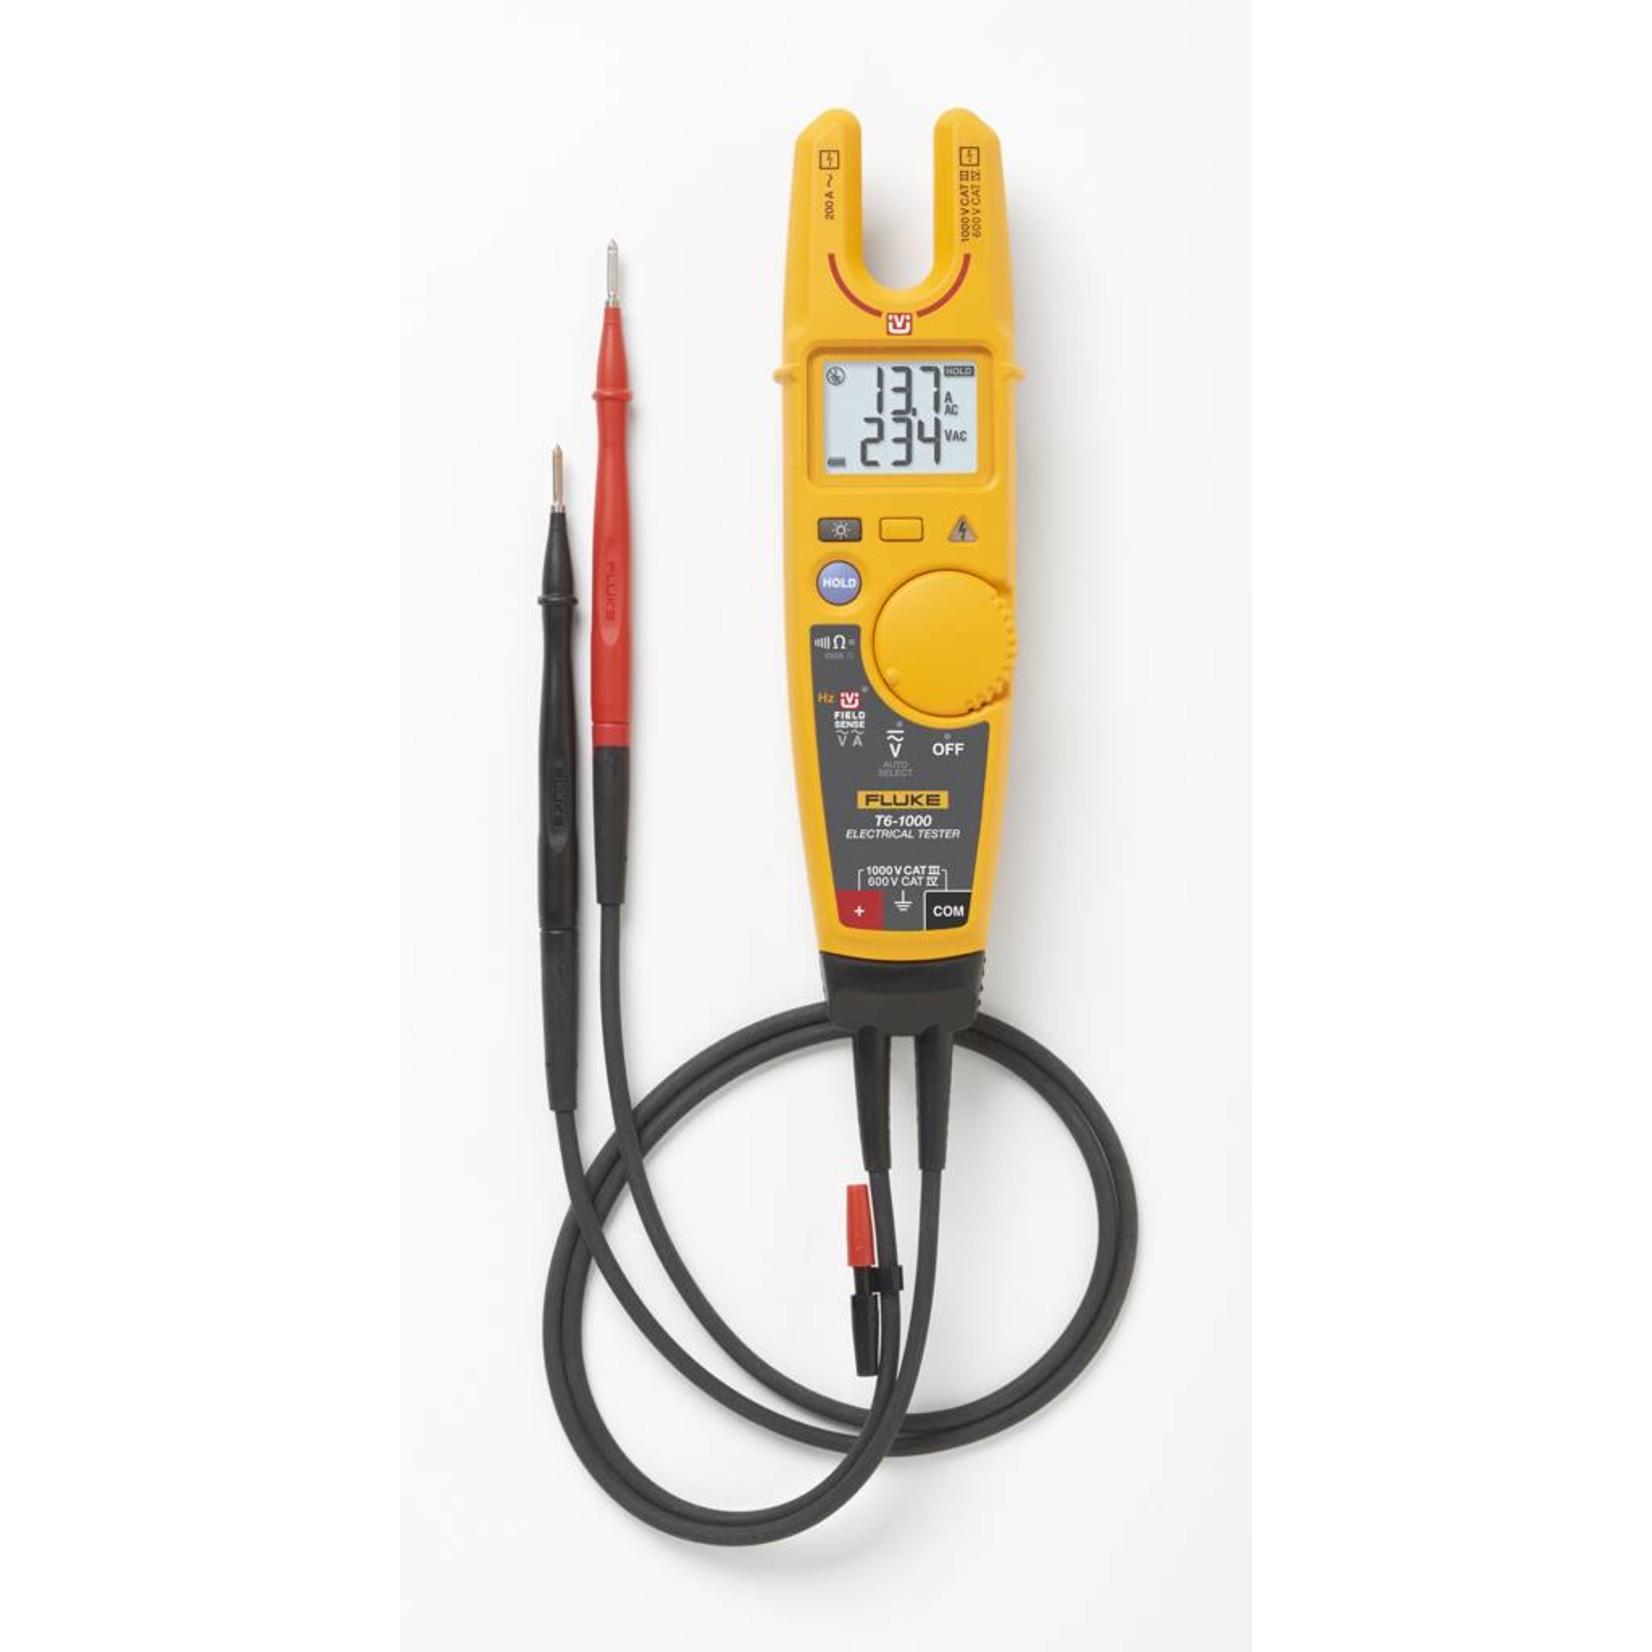 Fluke Fluke T6-1000 Electrical Tester met FieldSense™